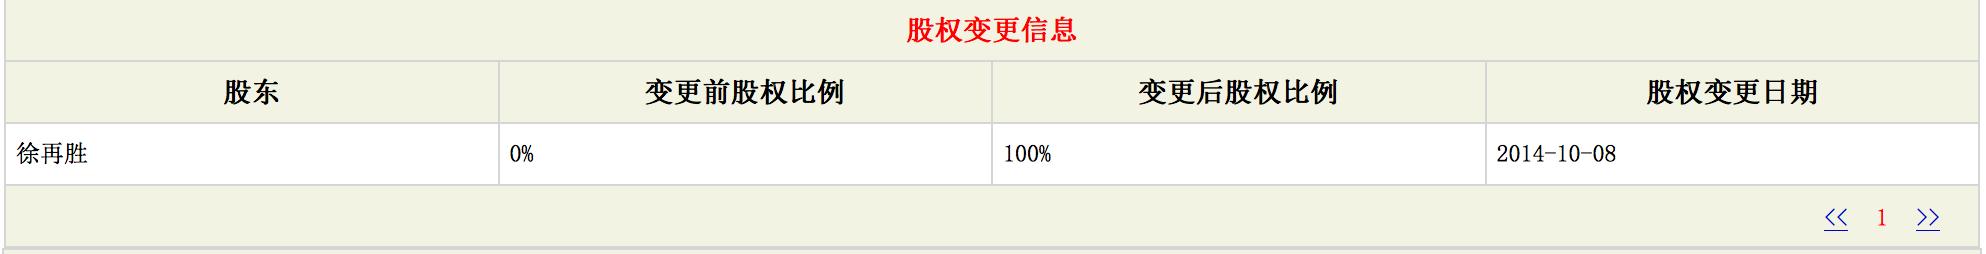 秦川大地徐再胜